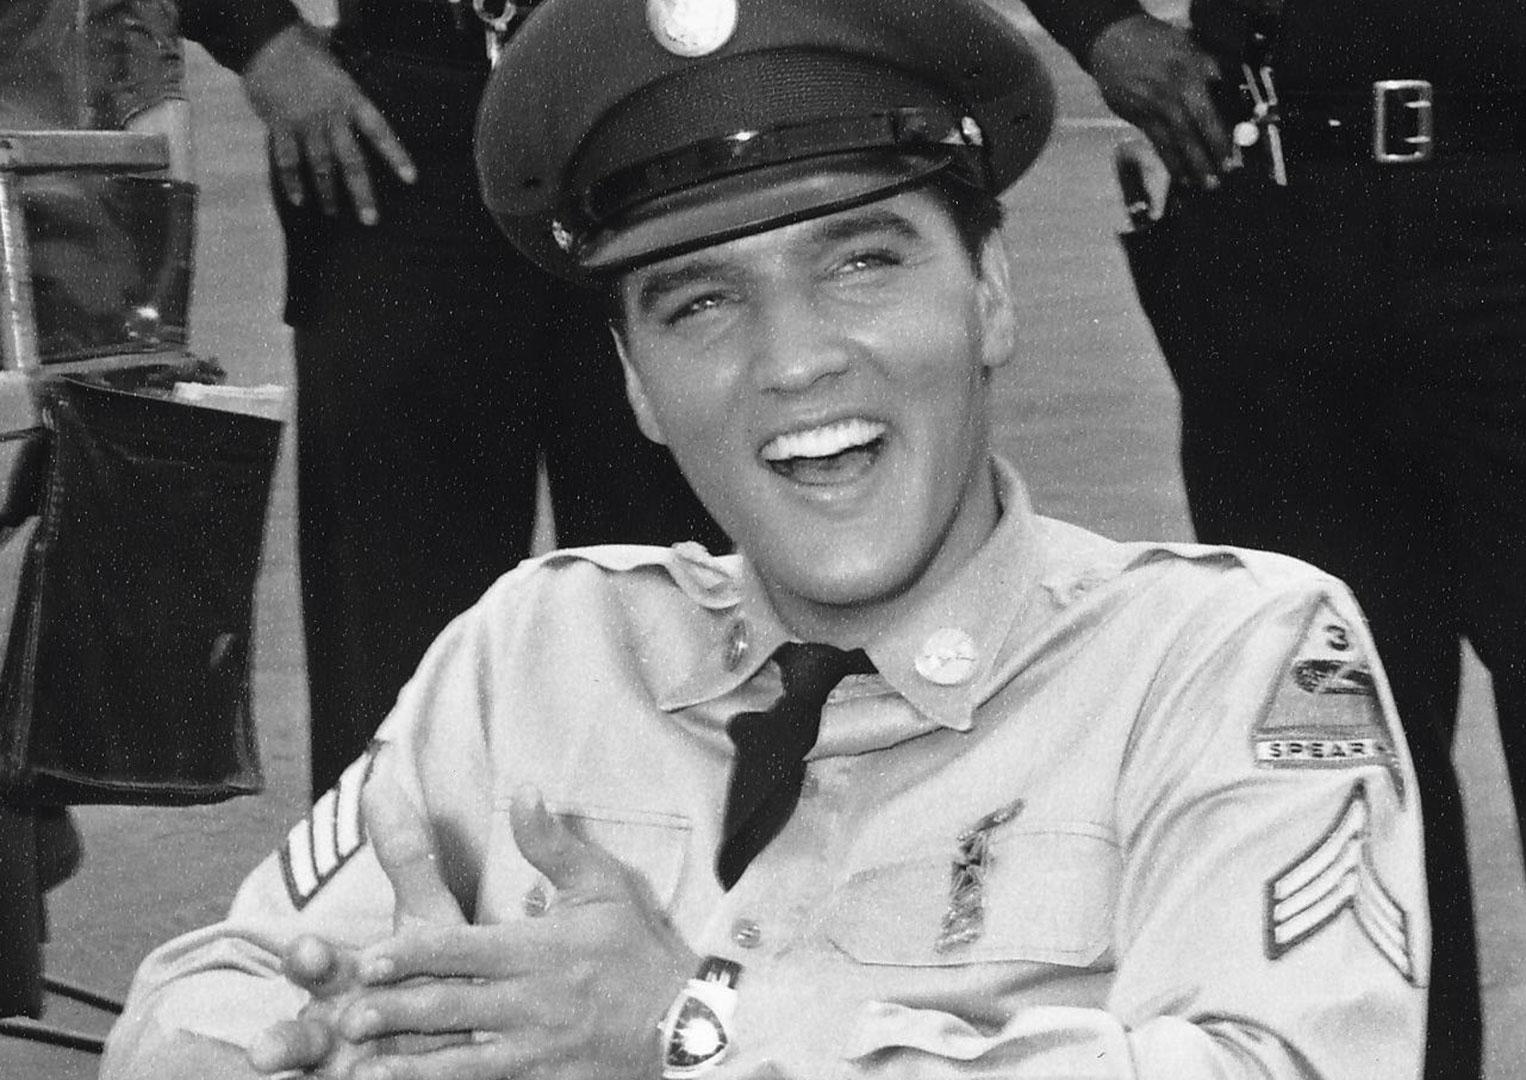 Musical icon Elvis Presley wearing his Hamilton Ventura